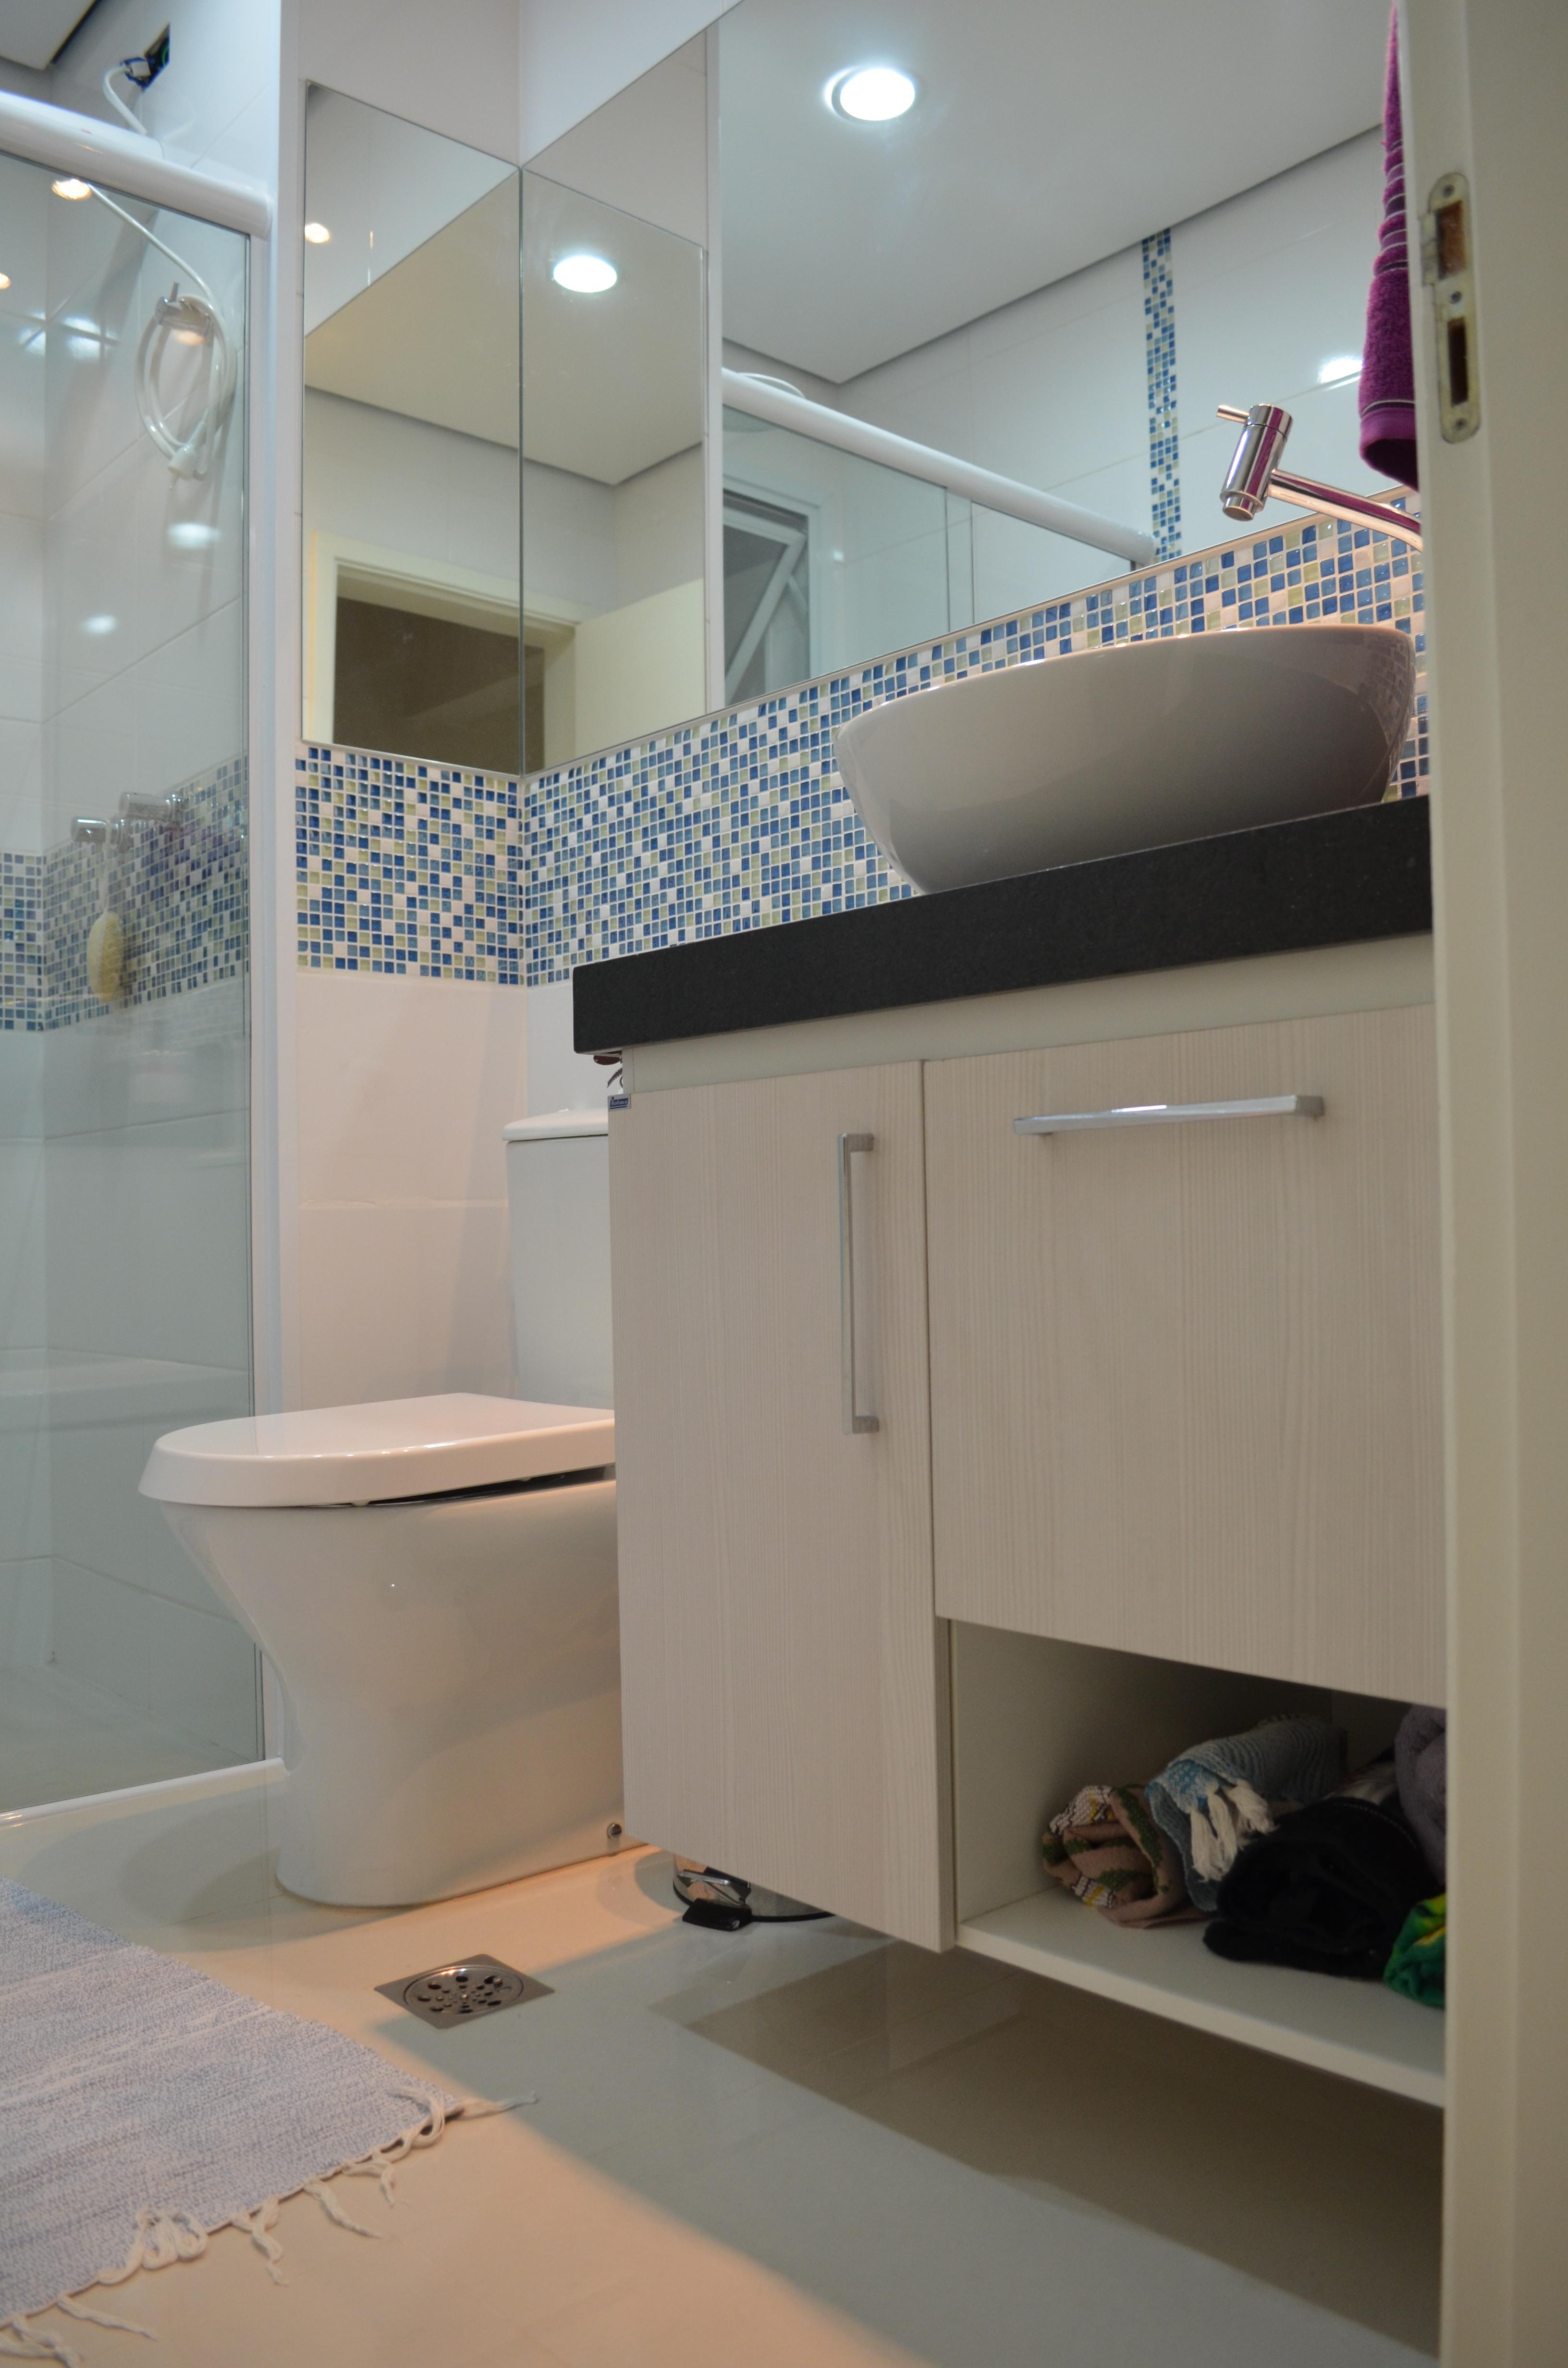 Projeto de interiores – reforma do banheiro apartamento em Mogi das #7D624E 3264 4928